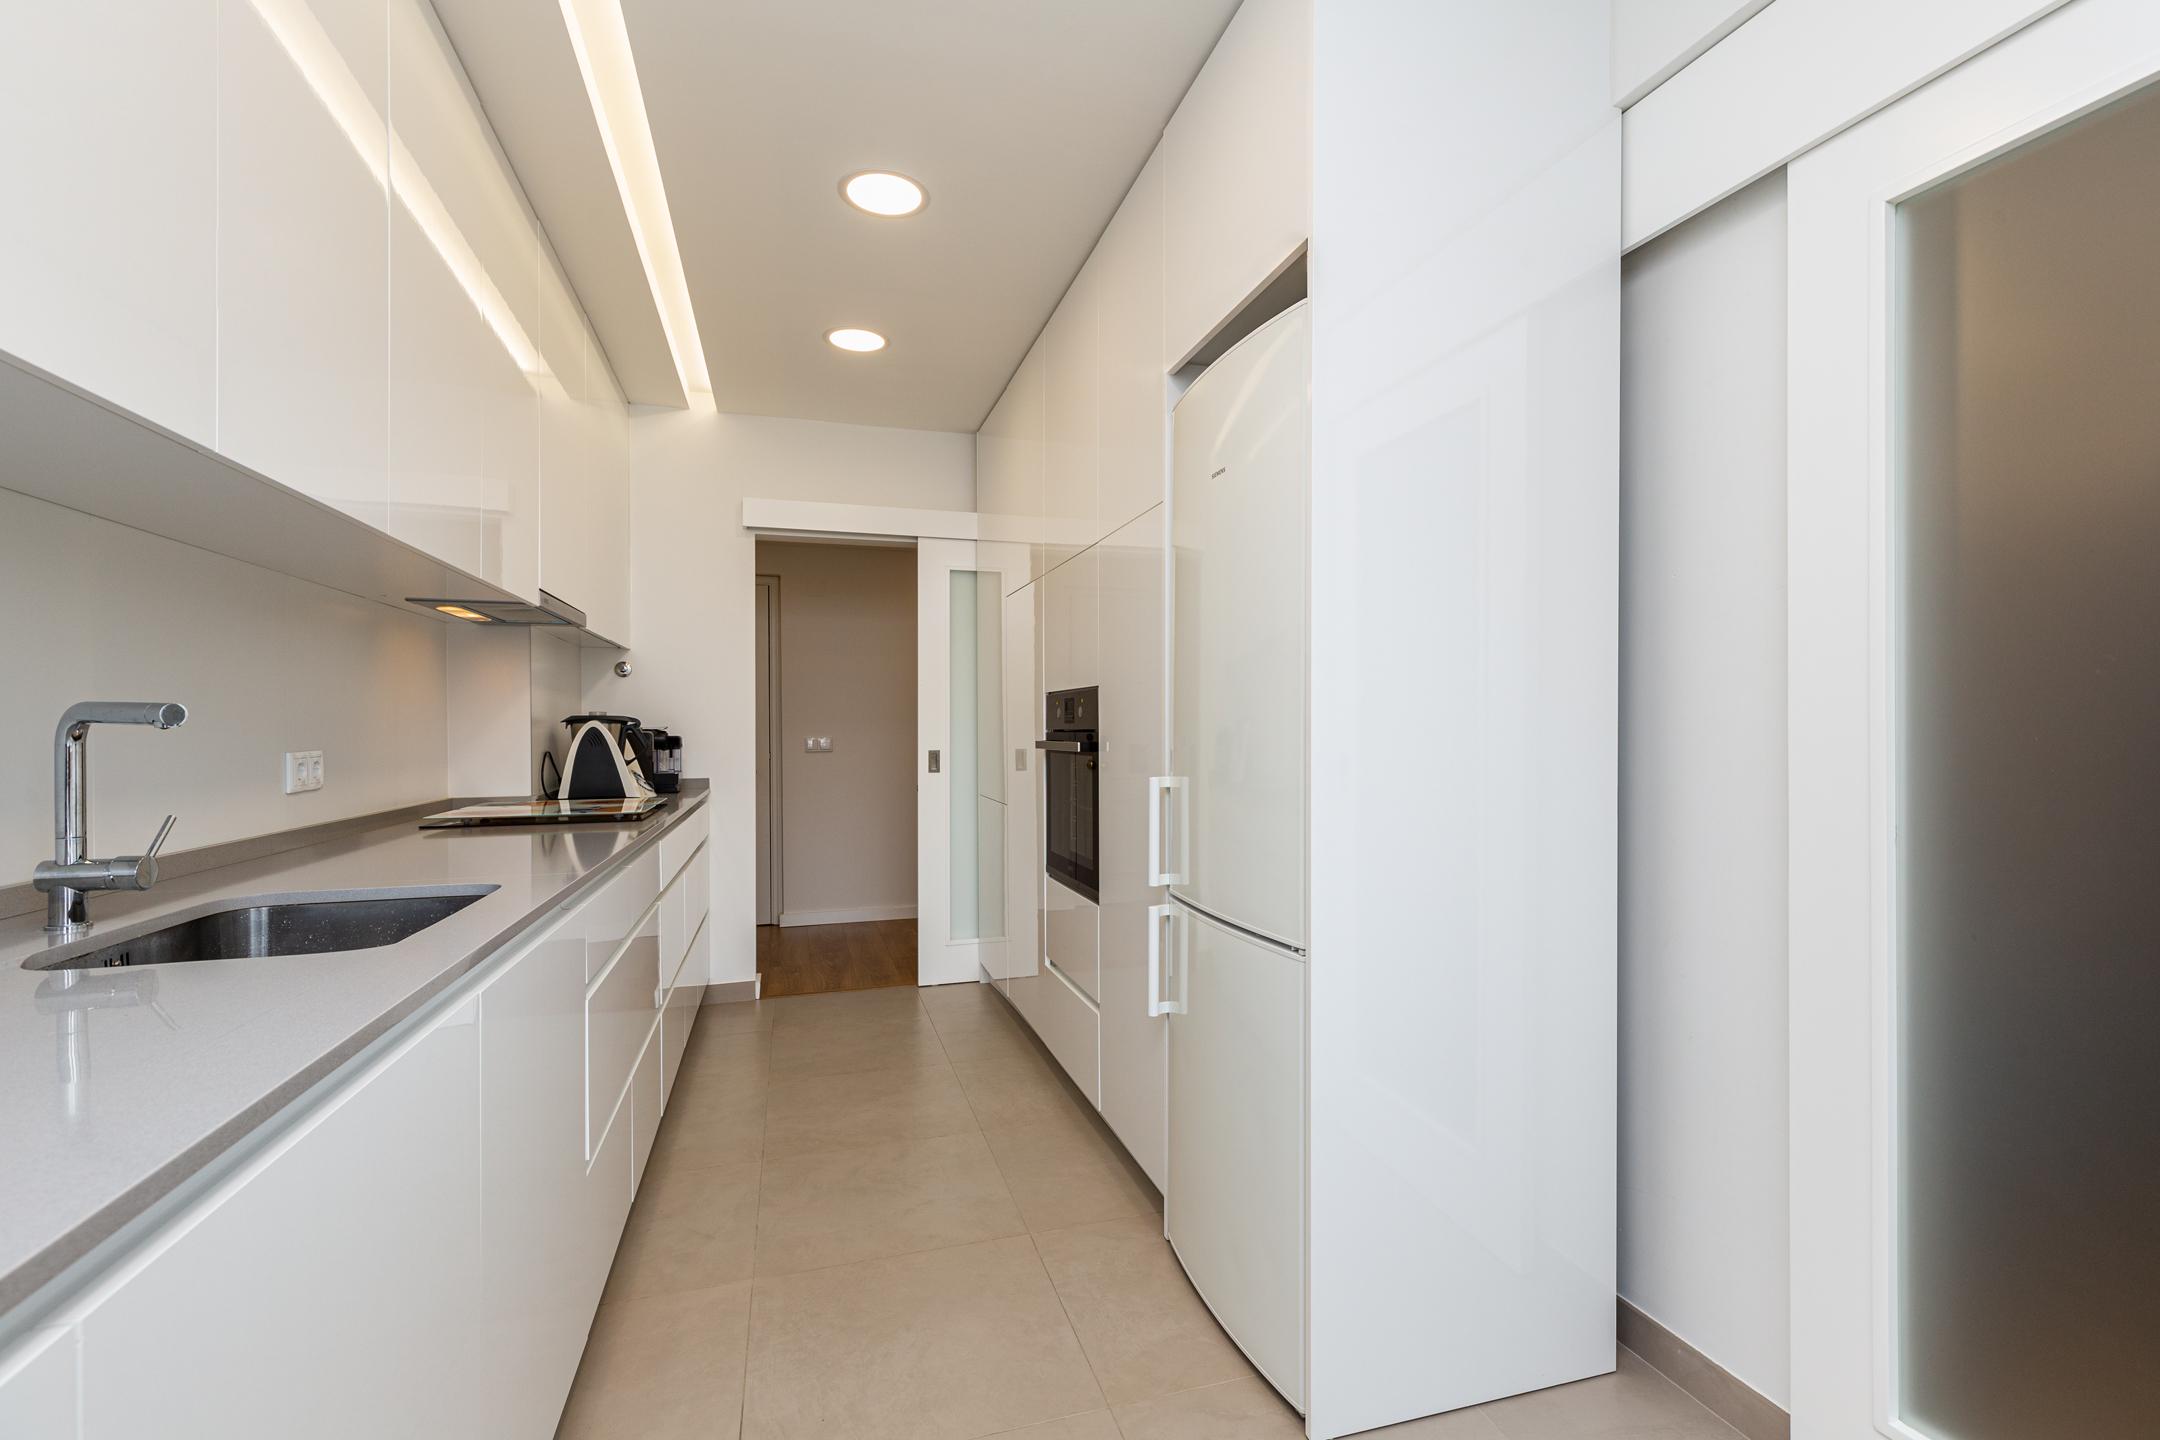 vista de cozinha nova apartamento guimarães, remodelação de cozinha em apartamento